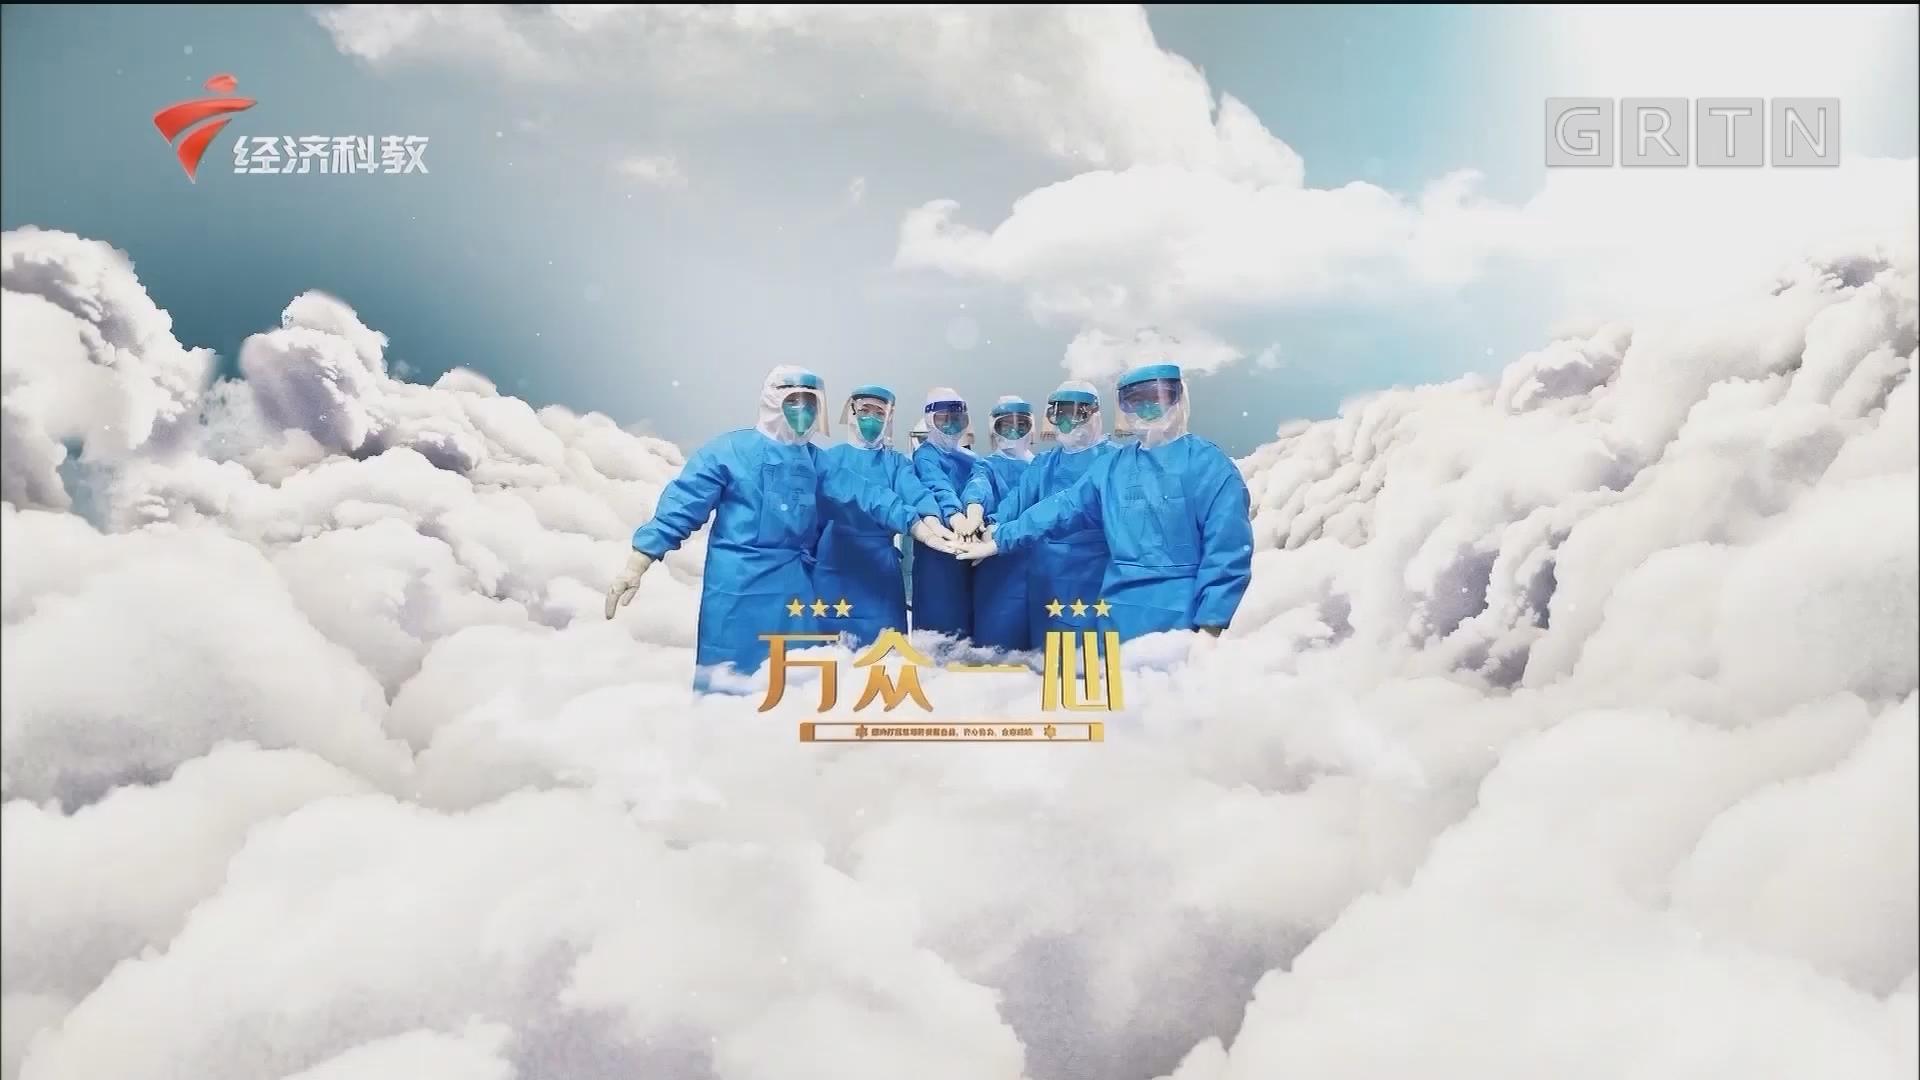 [HD][2020-03-12]经视健康+:抗疫特别节目:科学防治 守望胜利